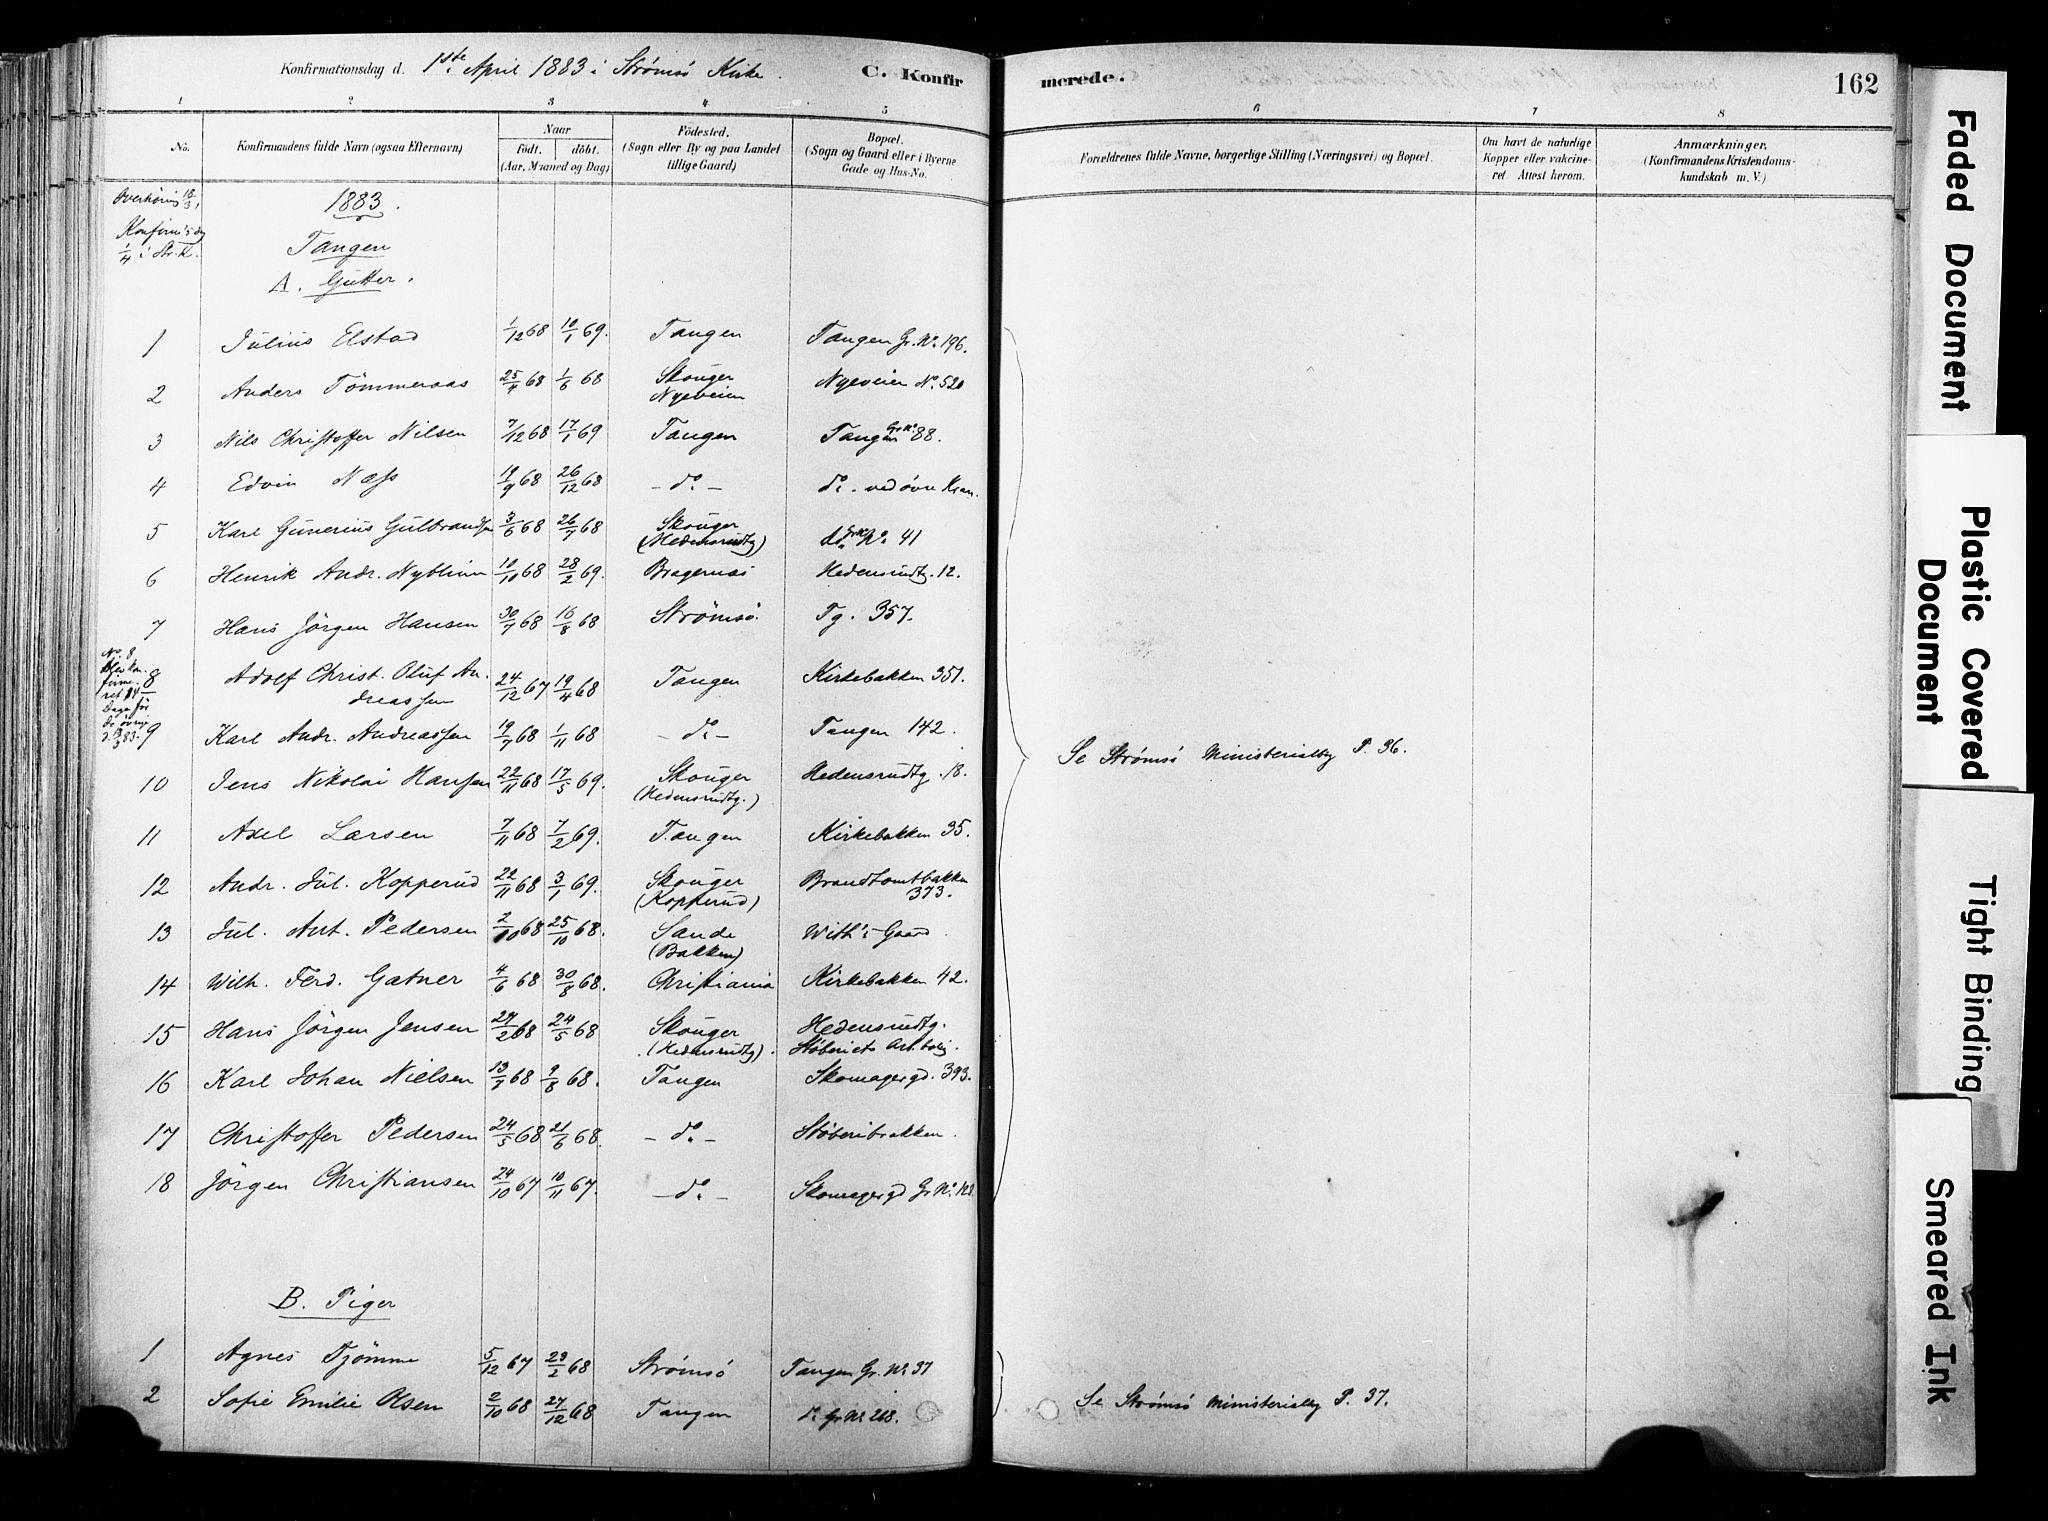 SAKO, Strømsø kirkebøker, F/Fb/L0006: Ministerialbok nr. II 6, 1879-1910, s. 162